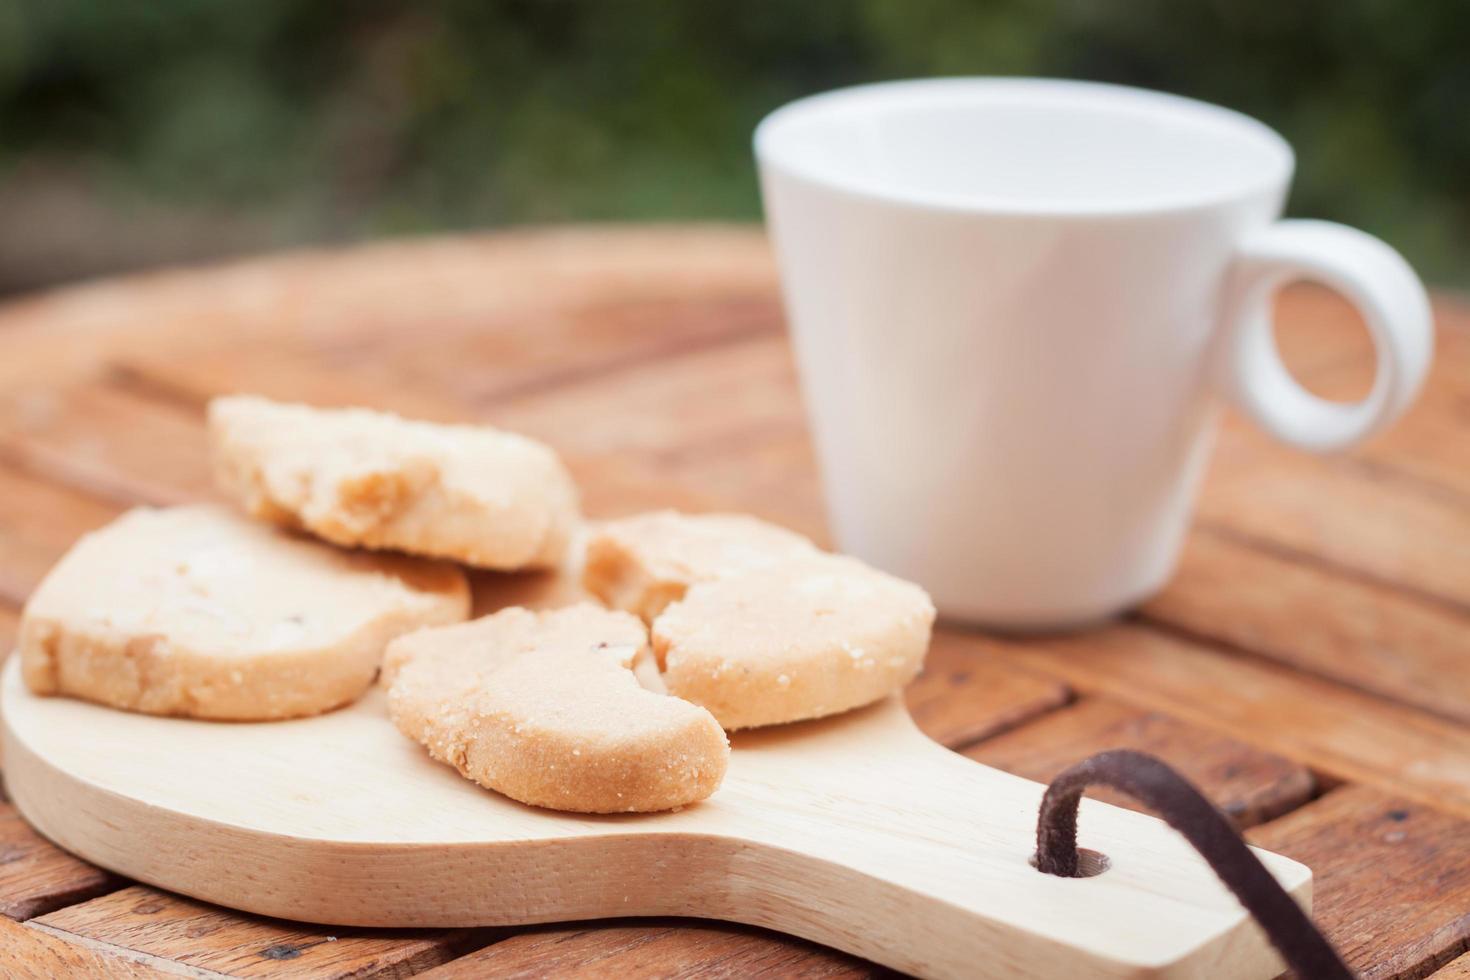 biscuits avec une tasse de café photo